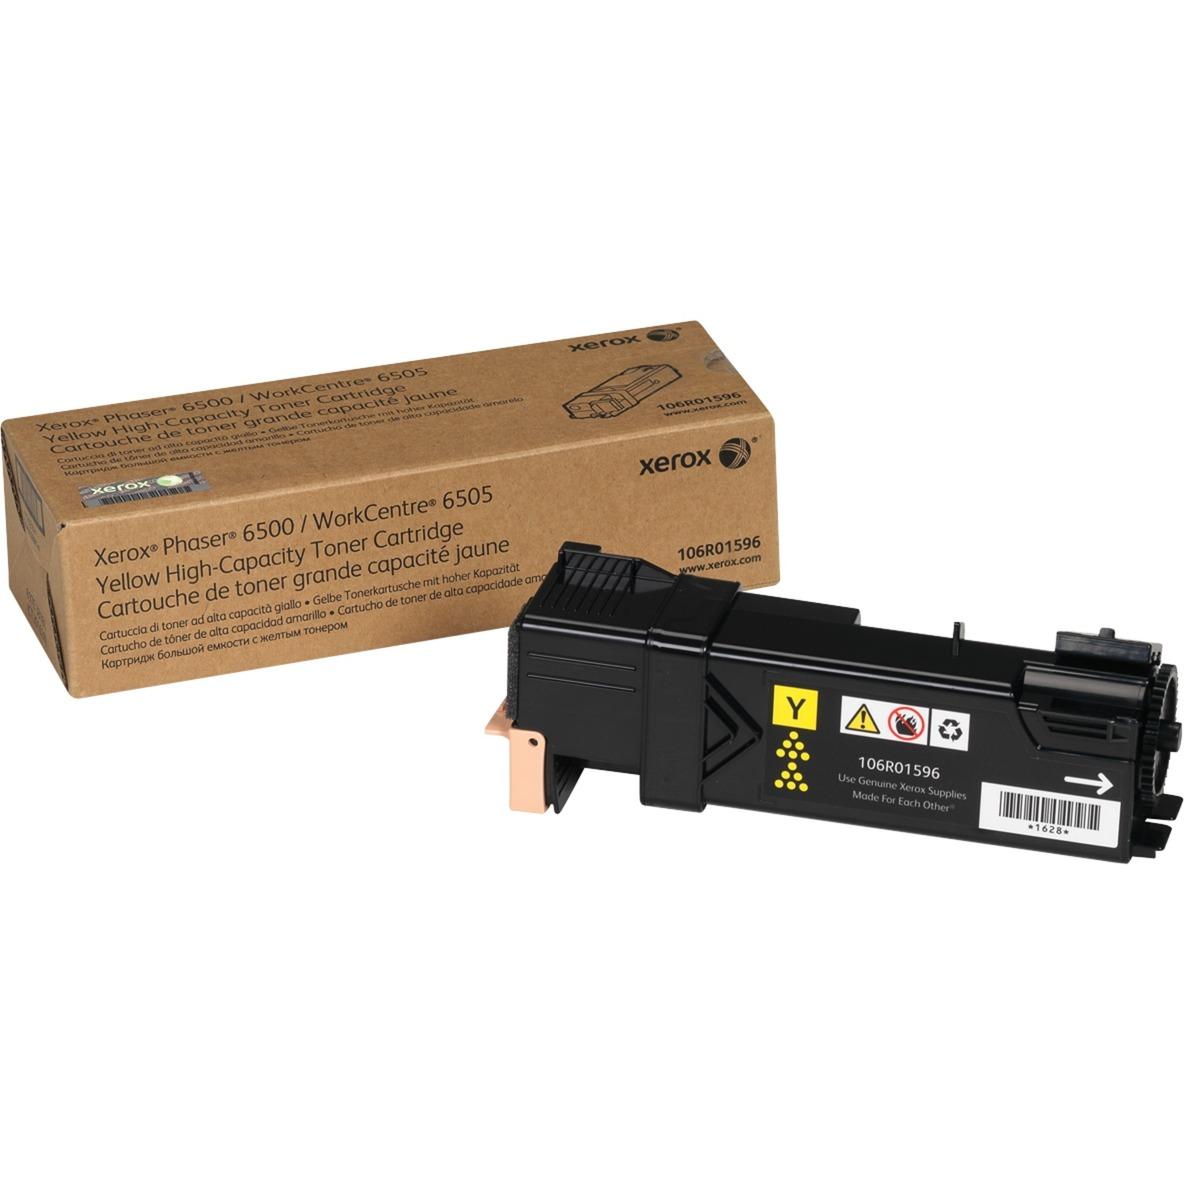 Phaser 6500/WorkCentre 6505, cartucho de tóner amarillo de gran capacidad (2.500 páginas)